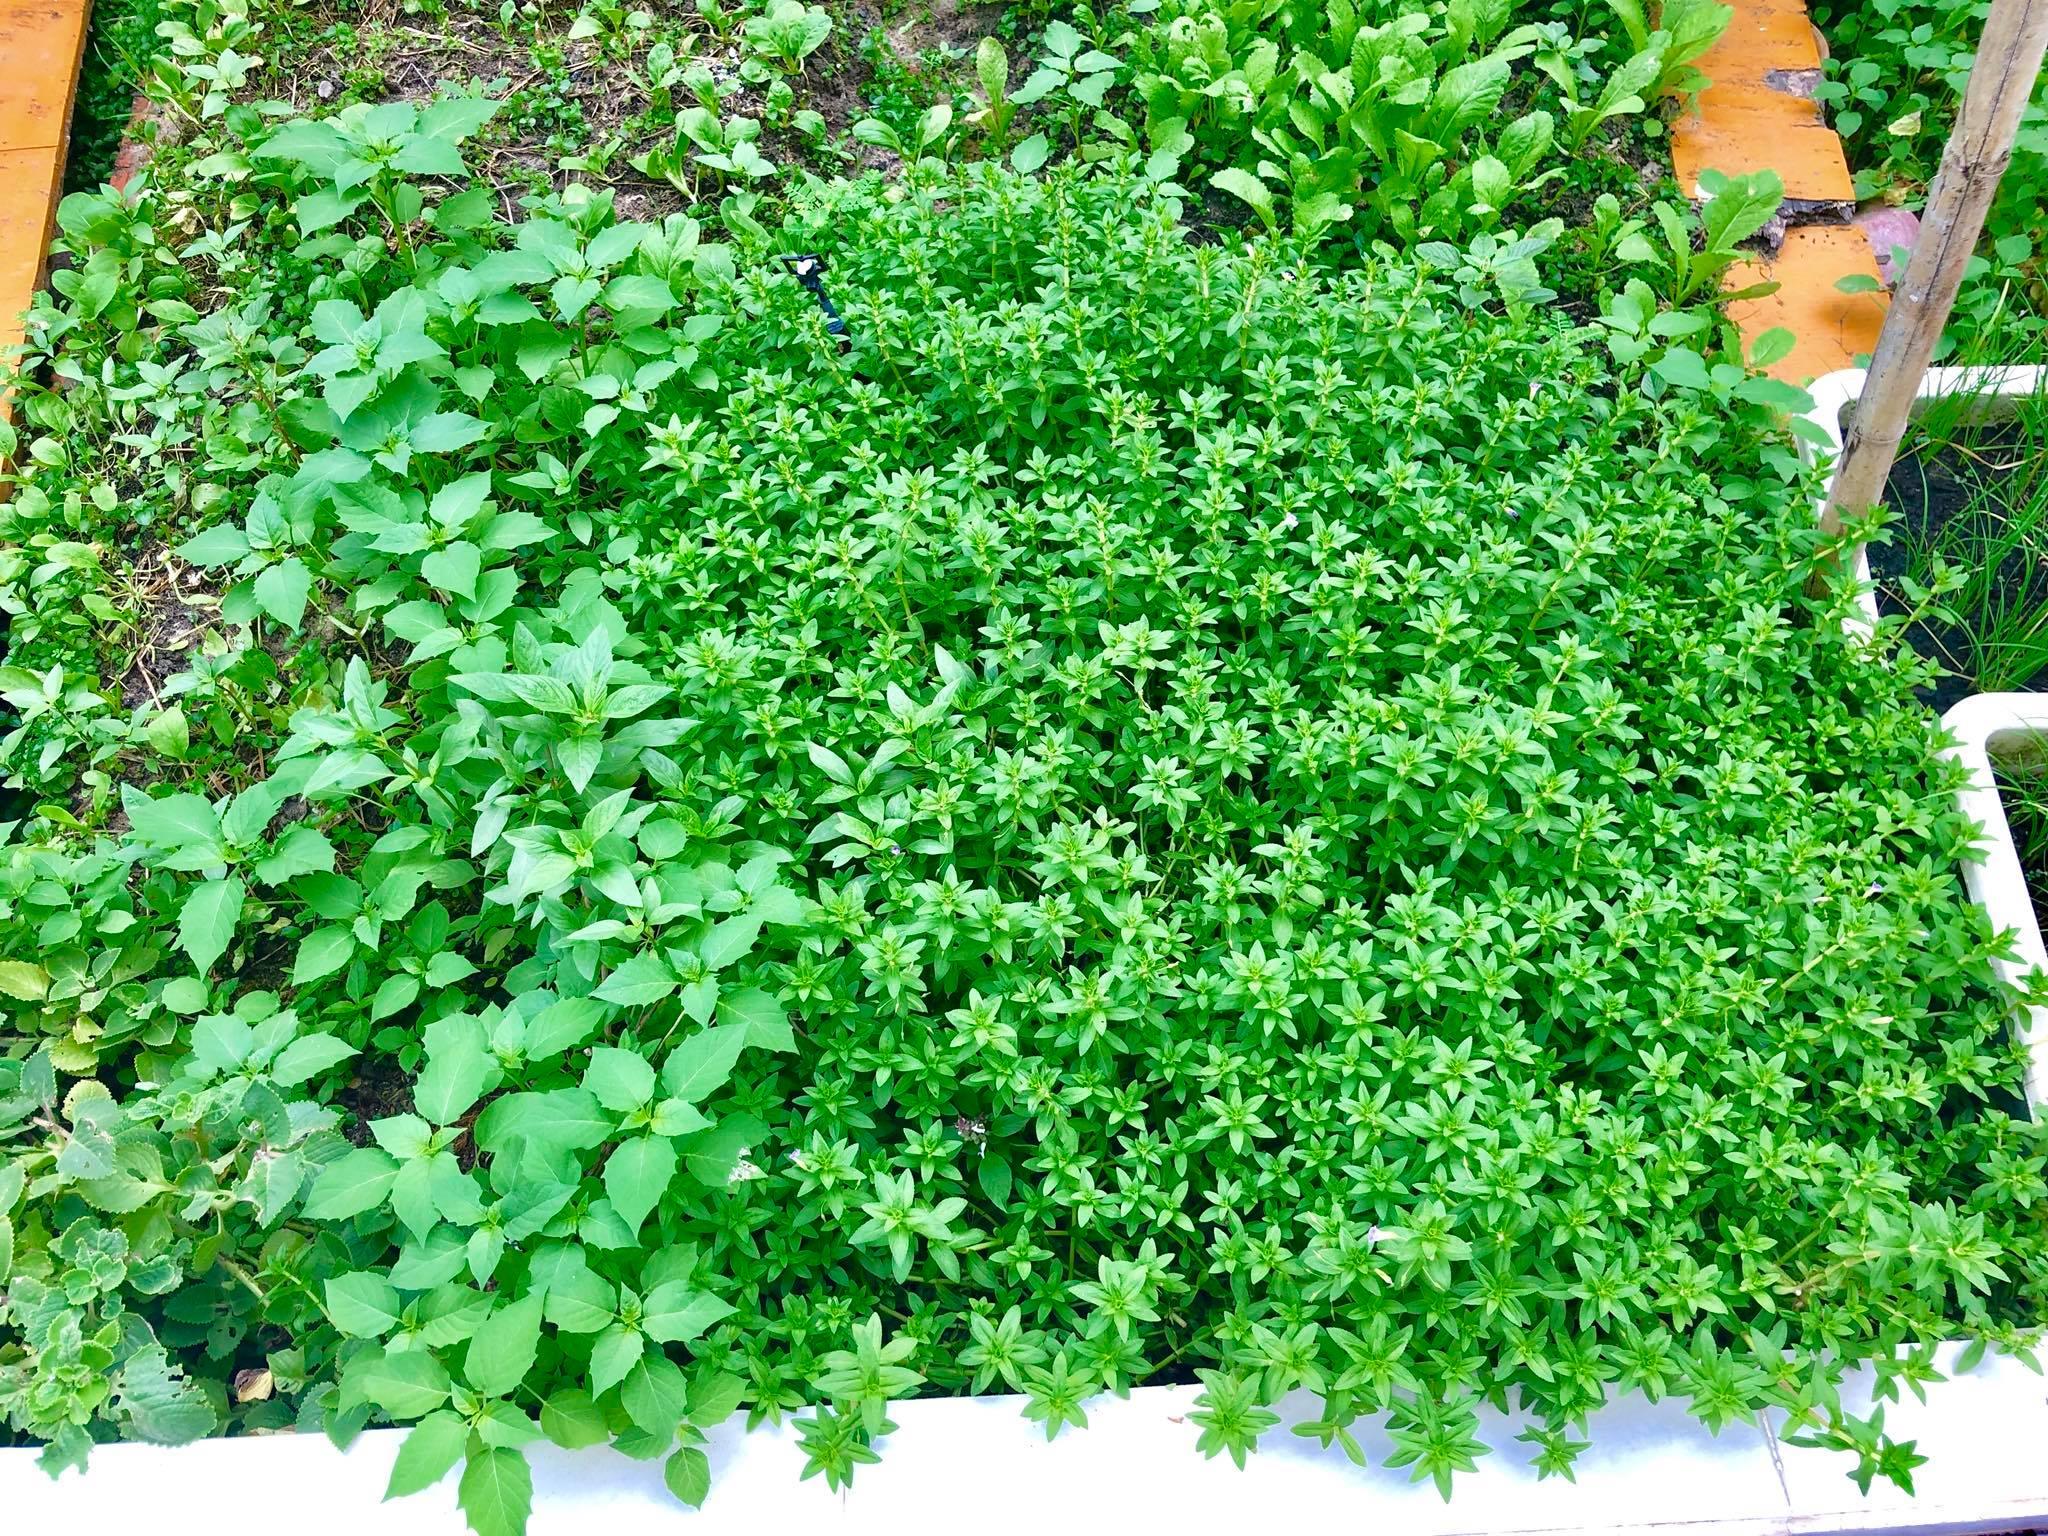 Ngắm vườn rau quả sạch tốt tươi, xanh mát trong biệt thự triệu đô của vợ chồng Thủy Tiên - Công Vinh - Ảnh 2.